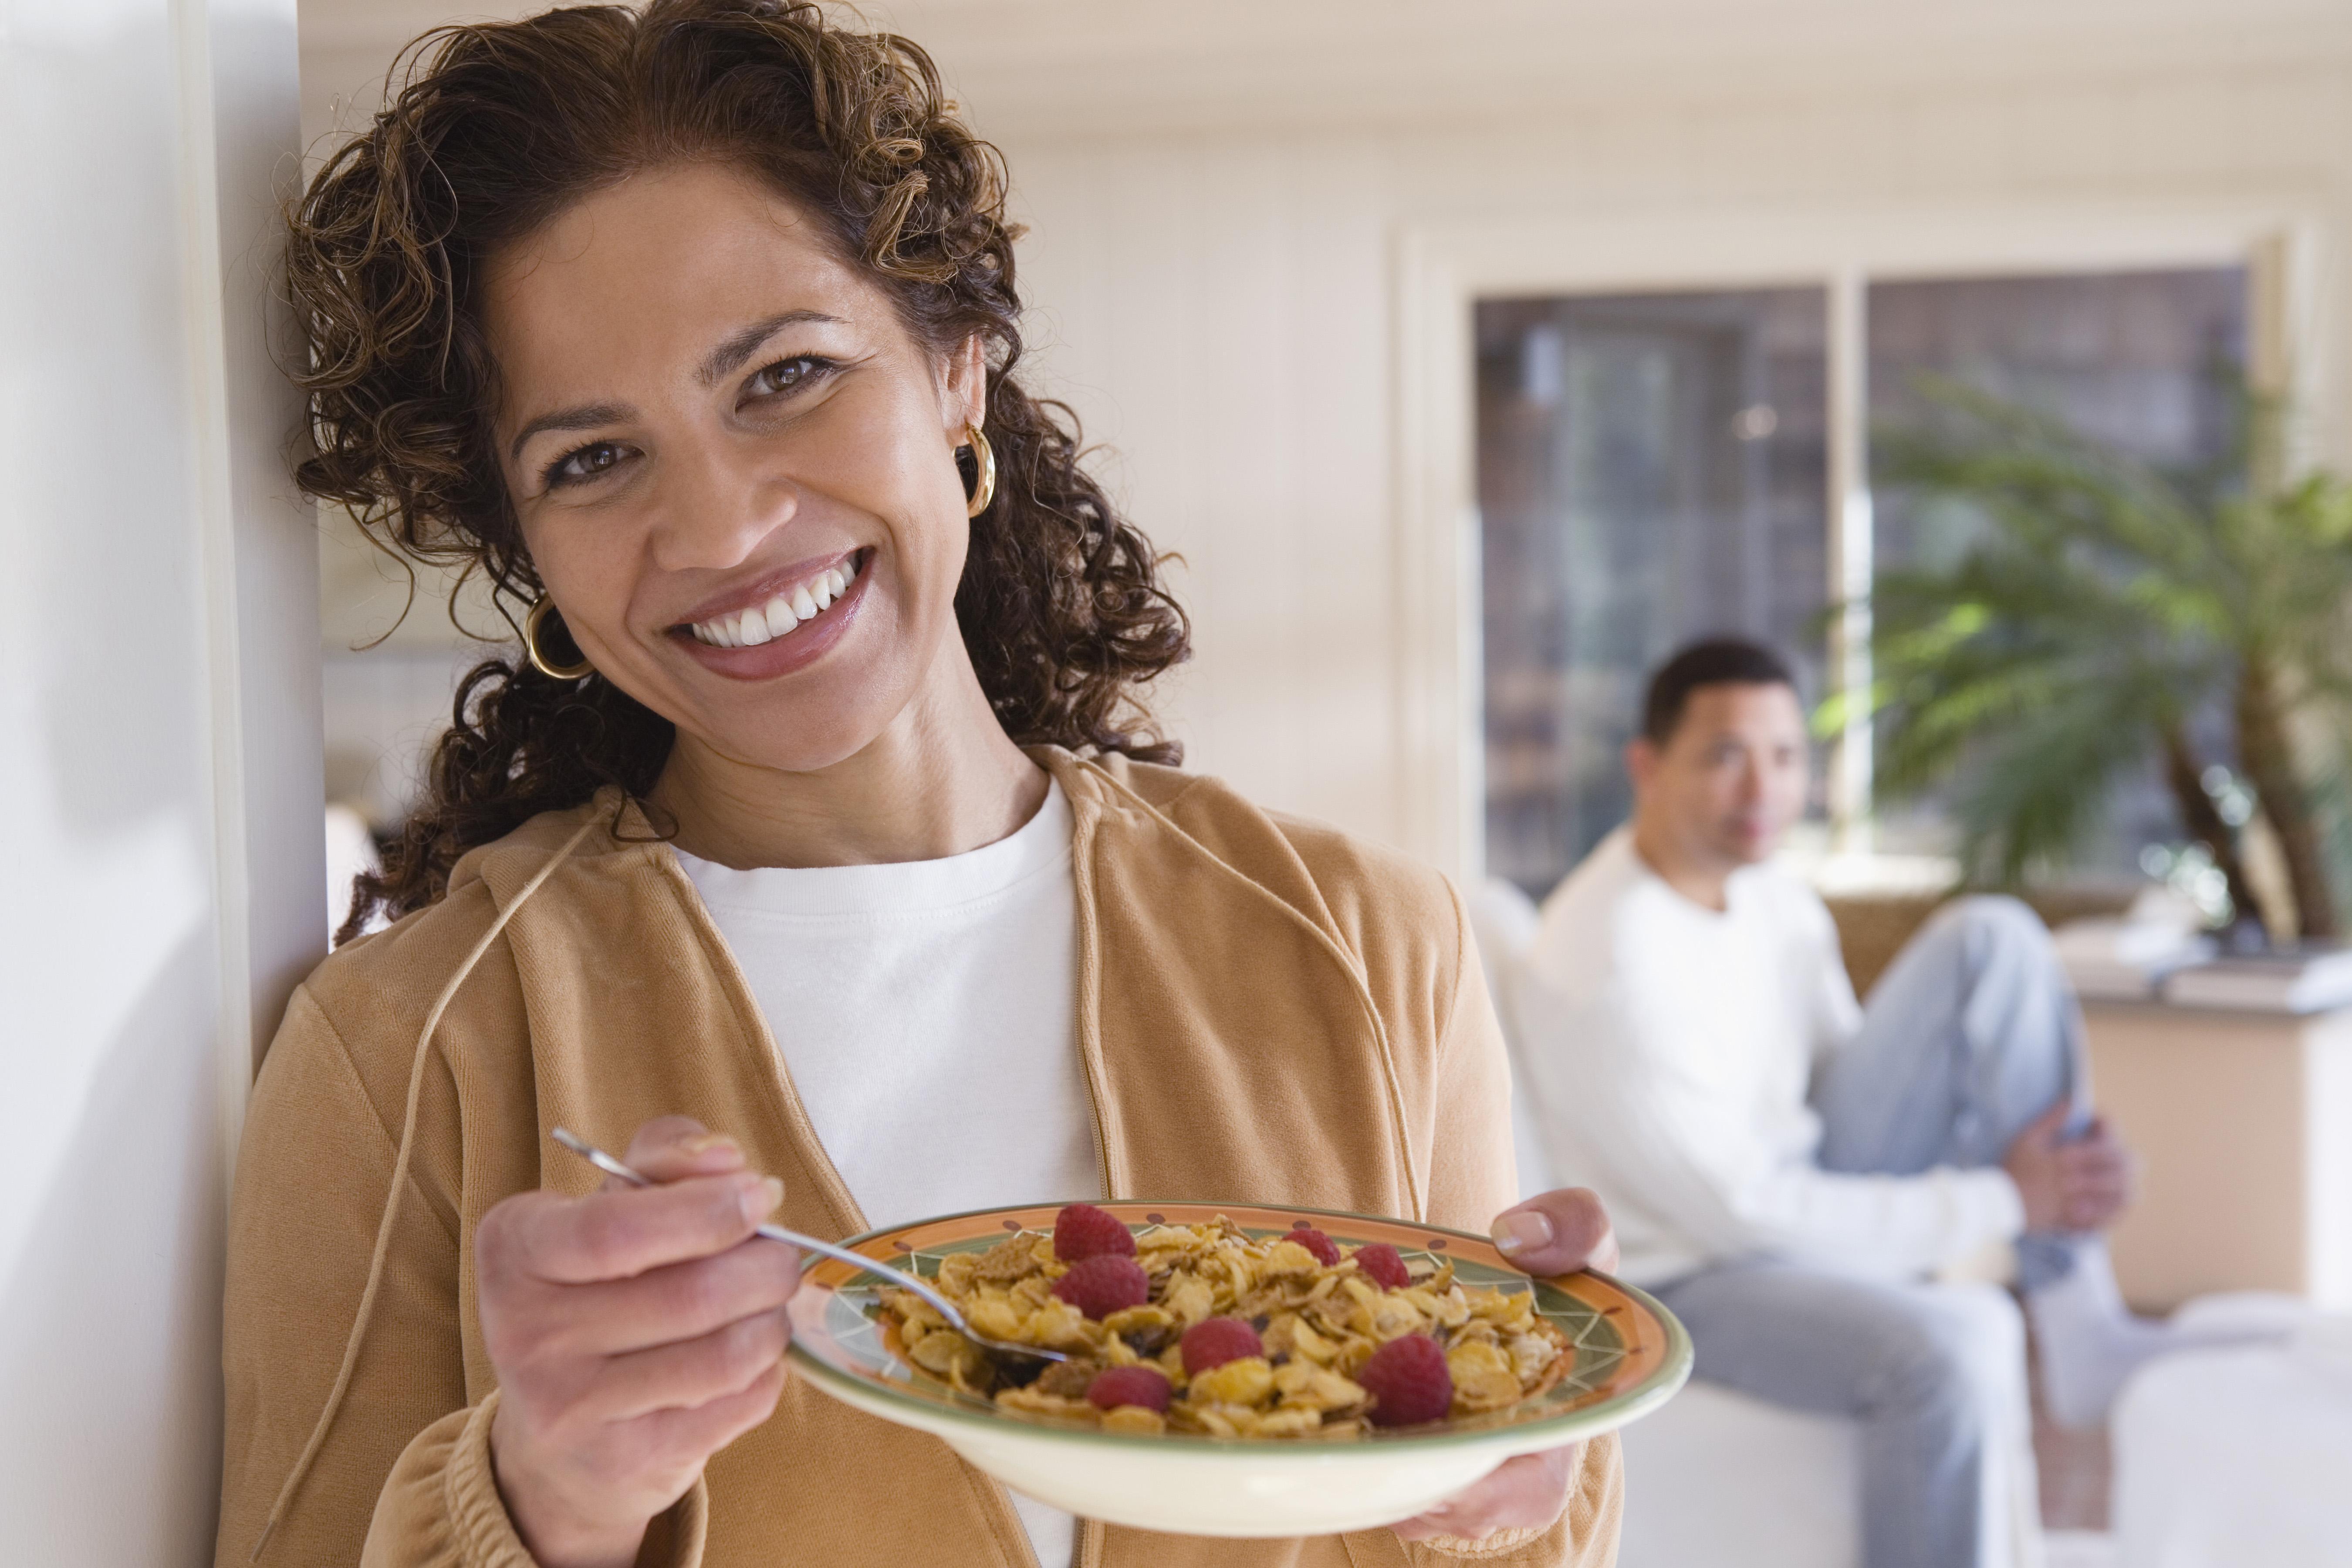 Dieta de licuados para bajar de peso rapido repite conviene dejar